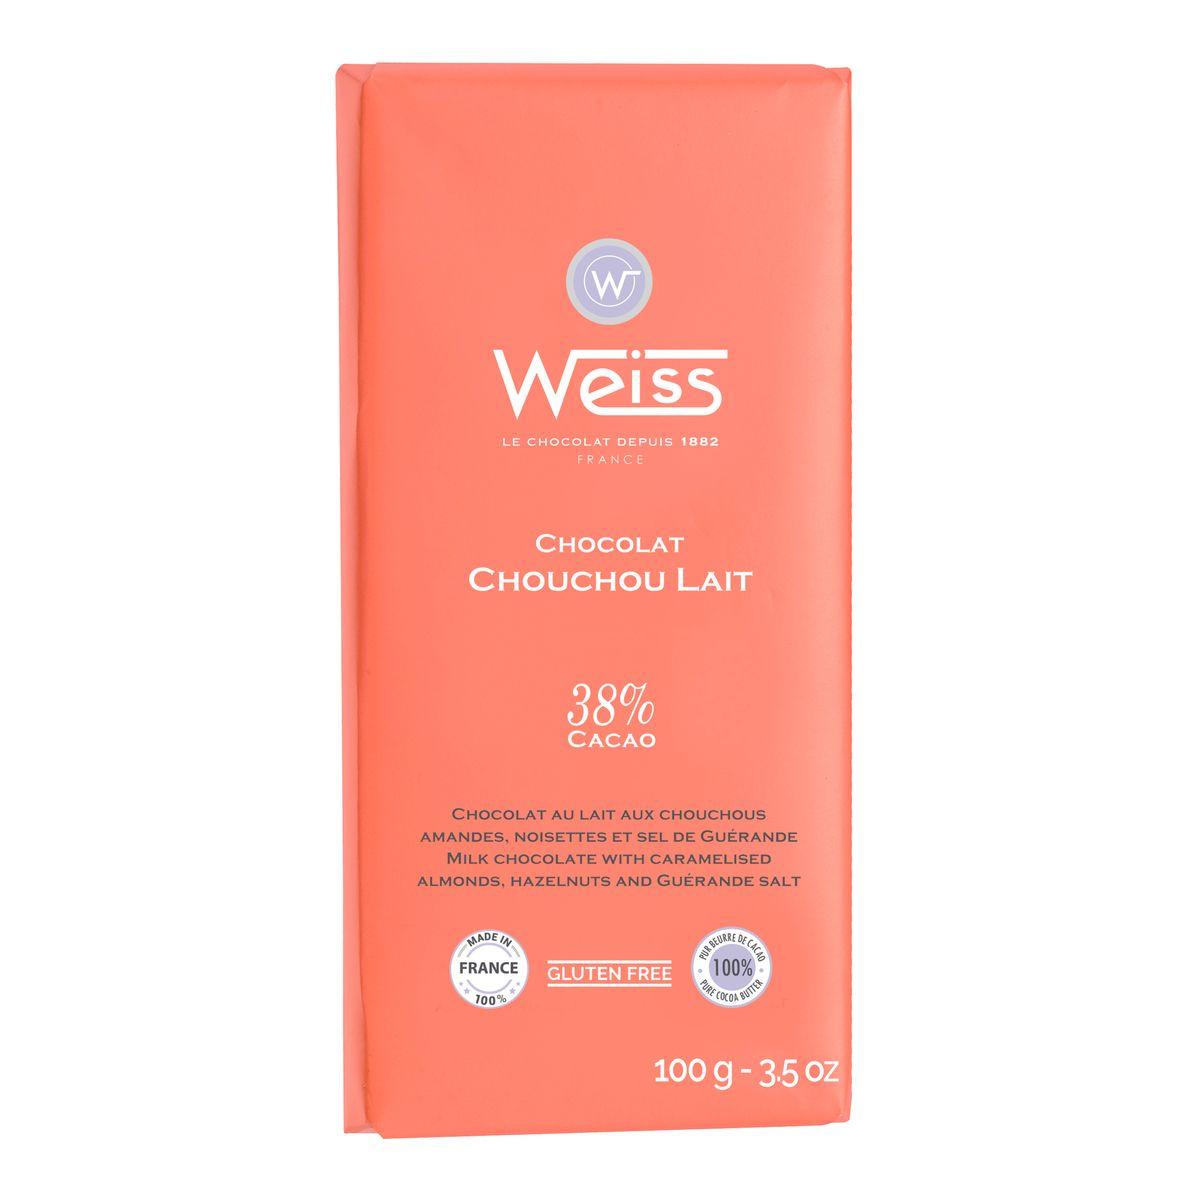 Tablette lait chouchou 100gr - Weiss